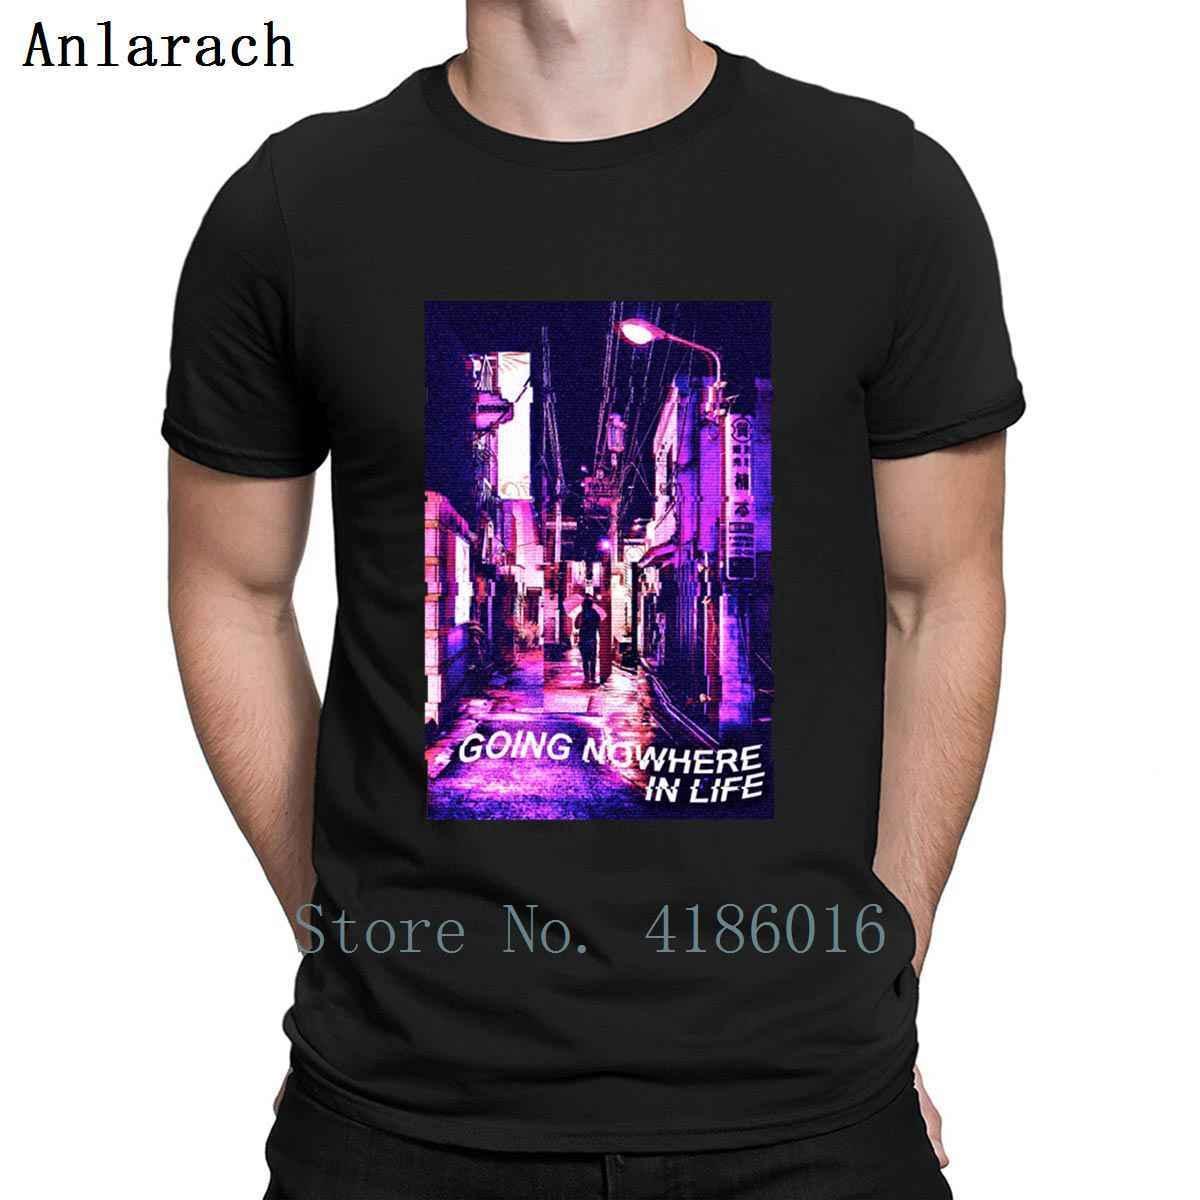 90. triste deprimido yendo en ninguna parte en la vida vaporwave camiseta Familia del resorte cómico más el tamaño 5XL traje de la camisa de algodón Impreso